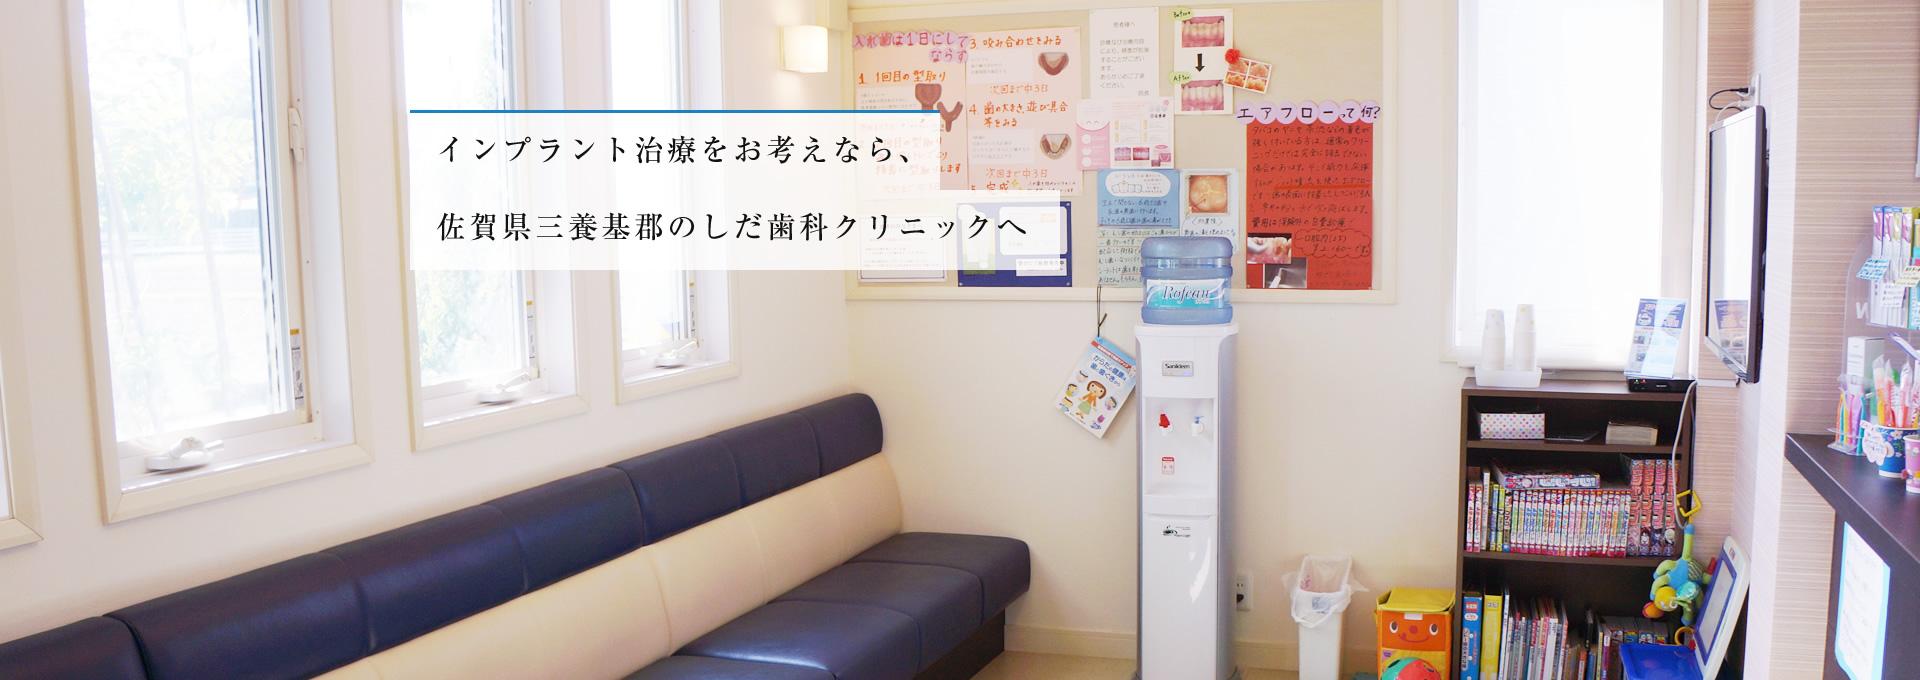 インプラント治療をお考えなら、佐賀県三養基郡のしだ歯科クリニックへ